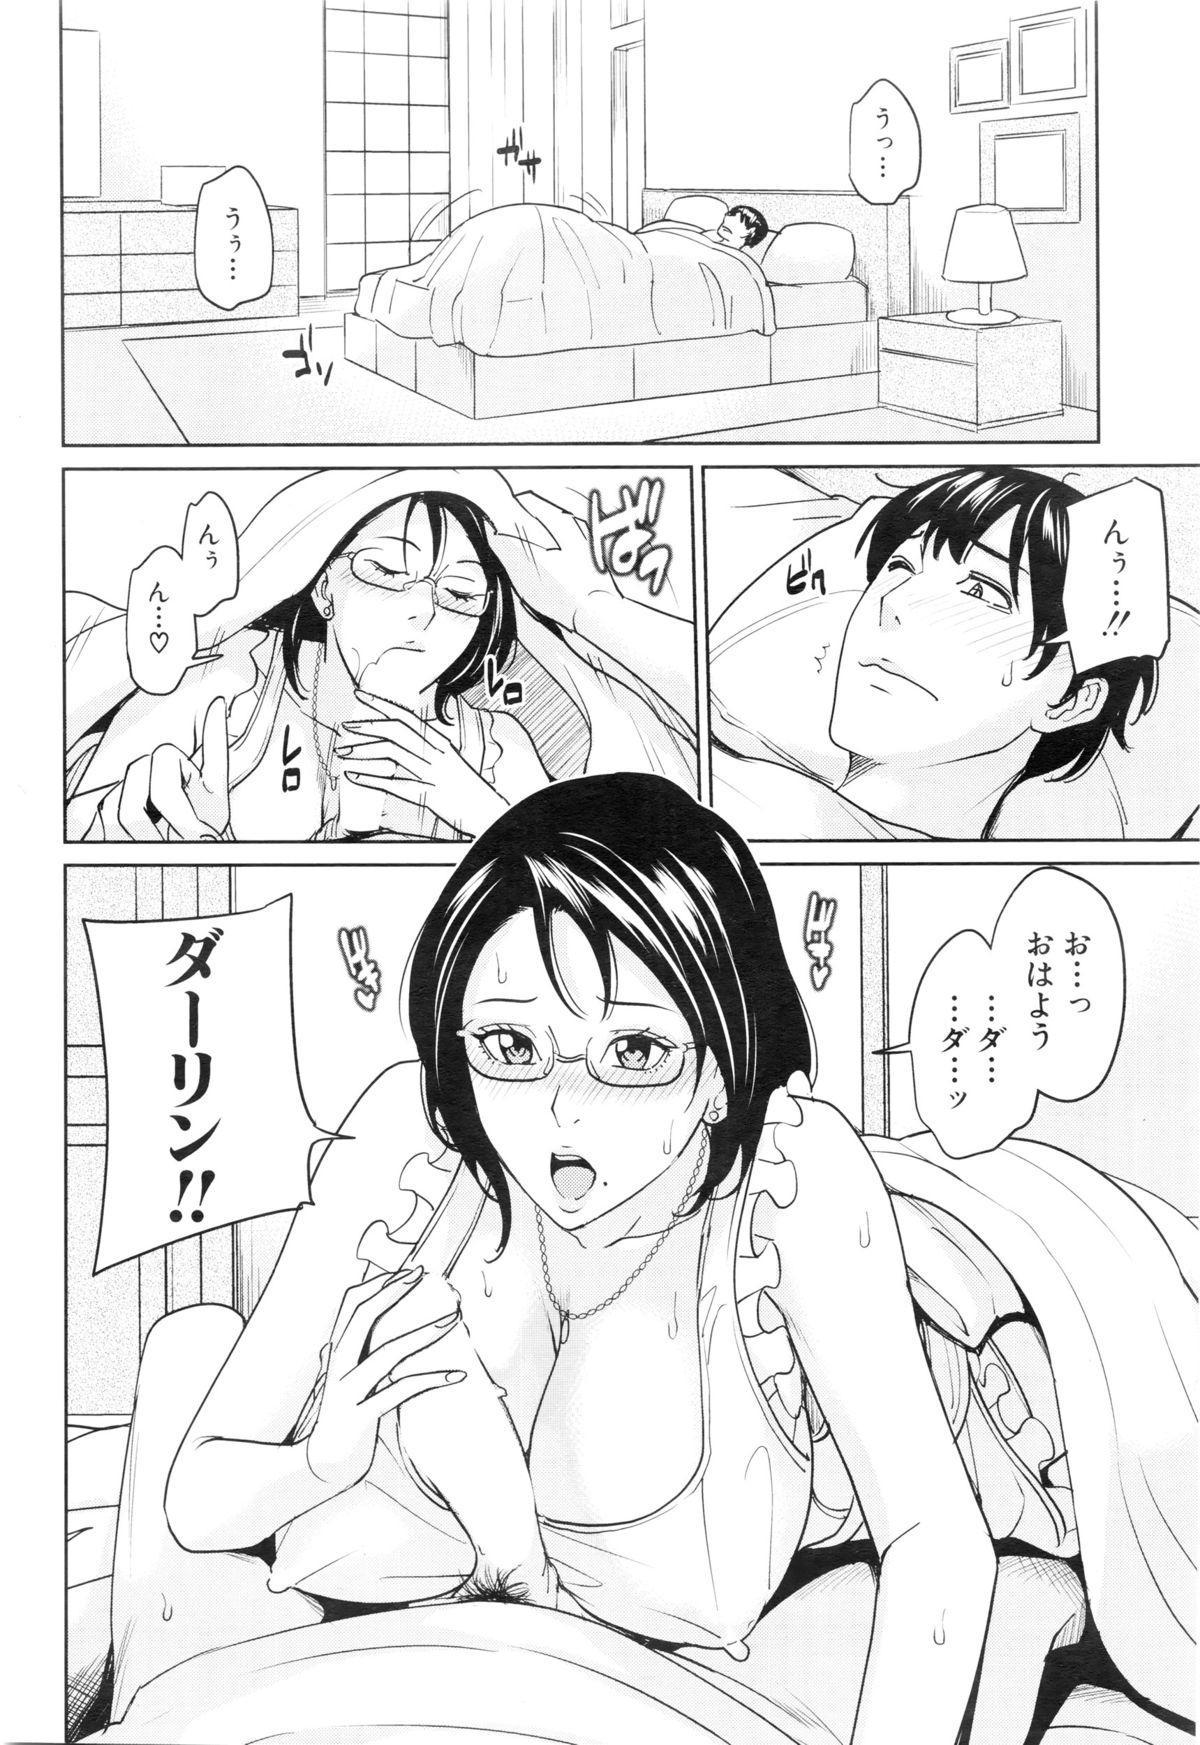 Kyouko Sensei to Boku no Himitsu 91